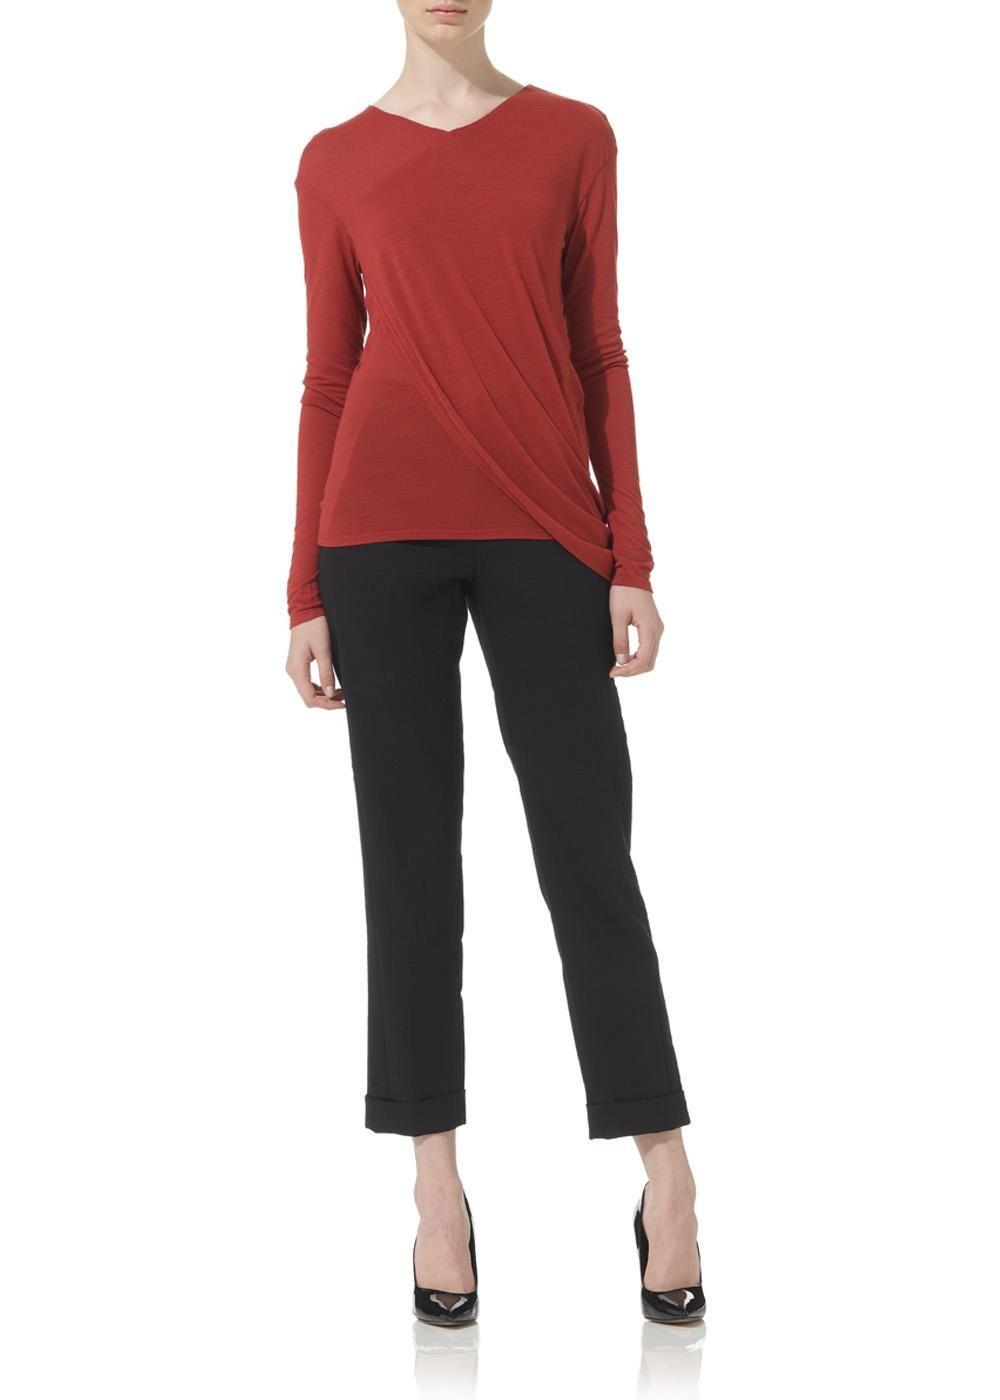 Wool Jersey Long Sleeve Drape Top